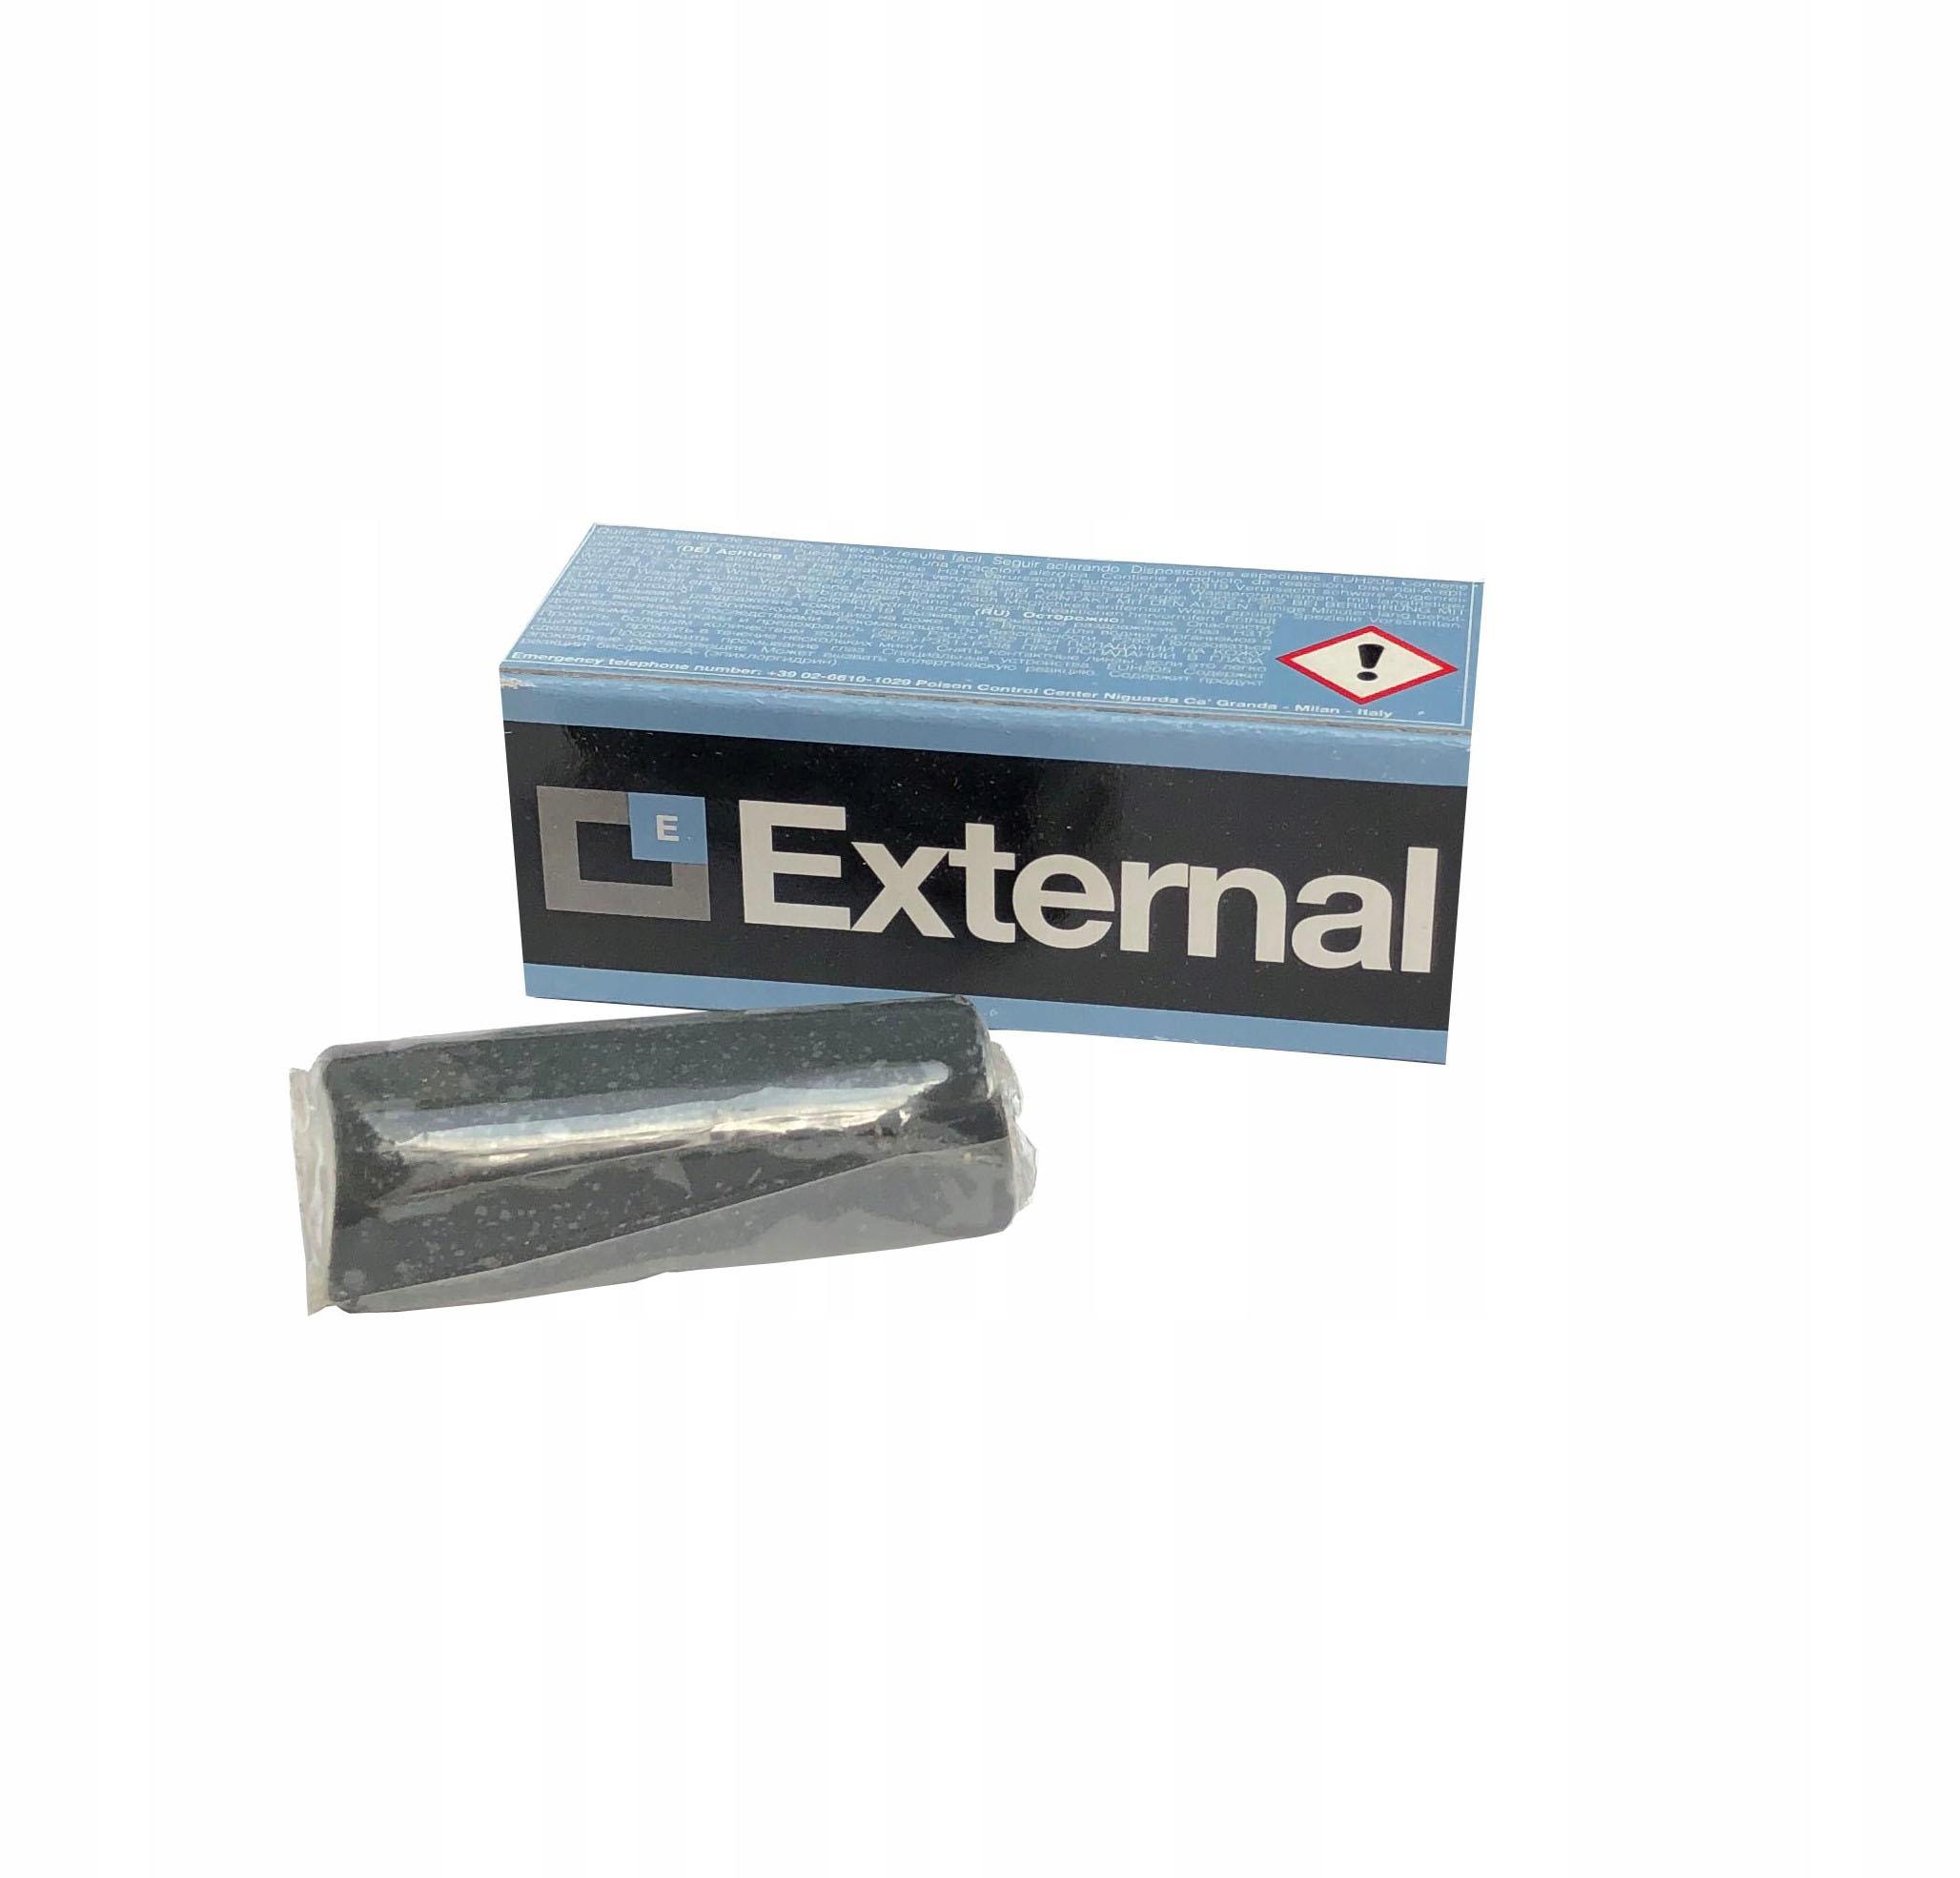 герметик кондиционирования воздуха errecom external 20g